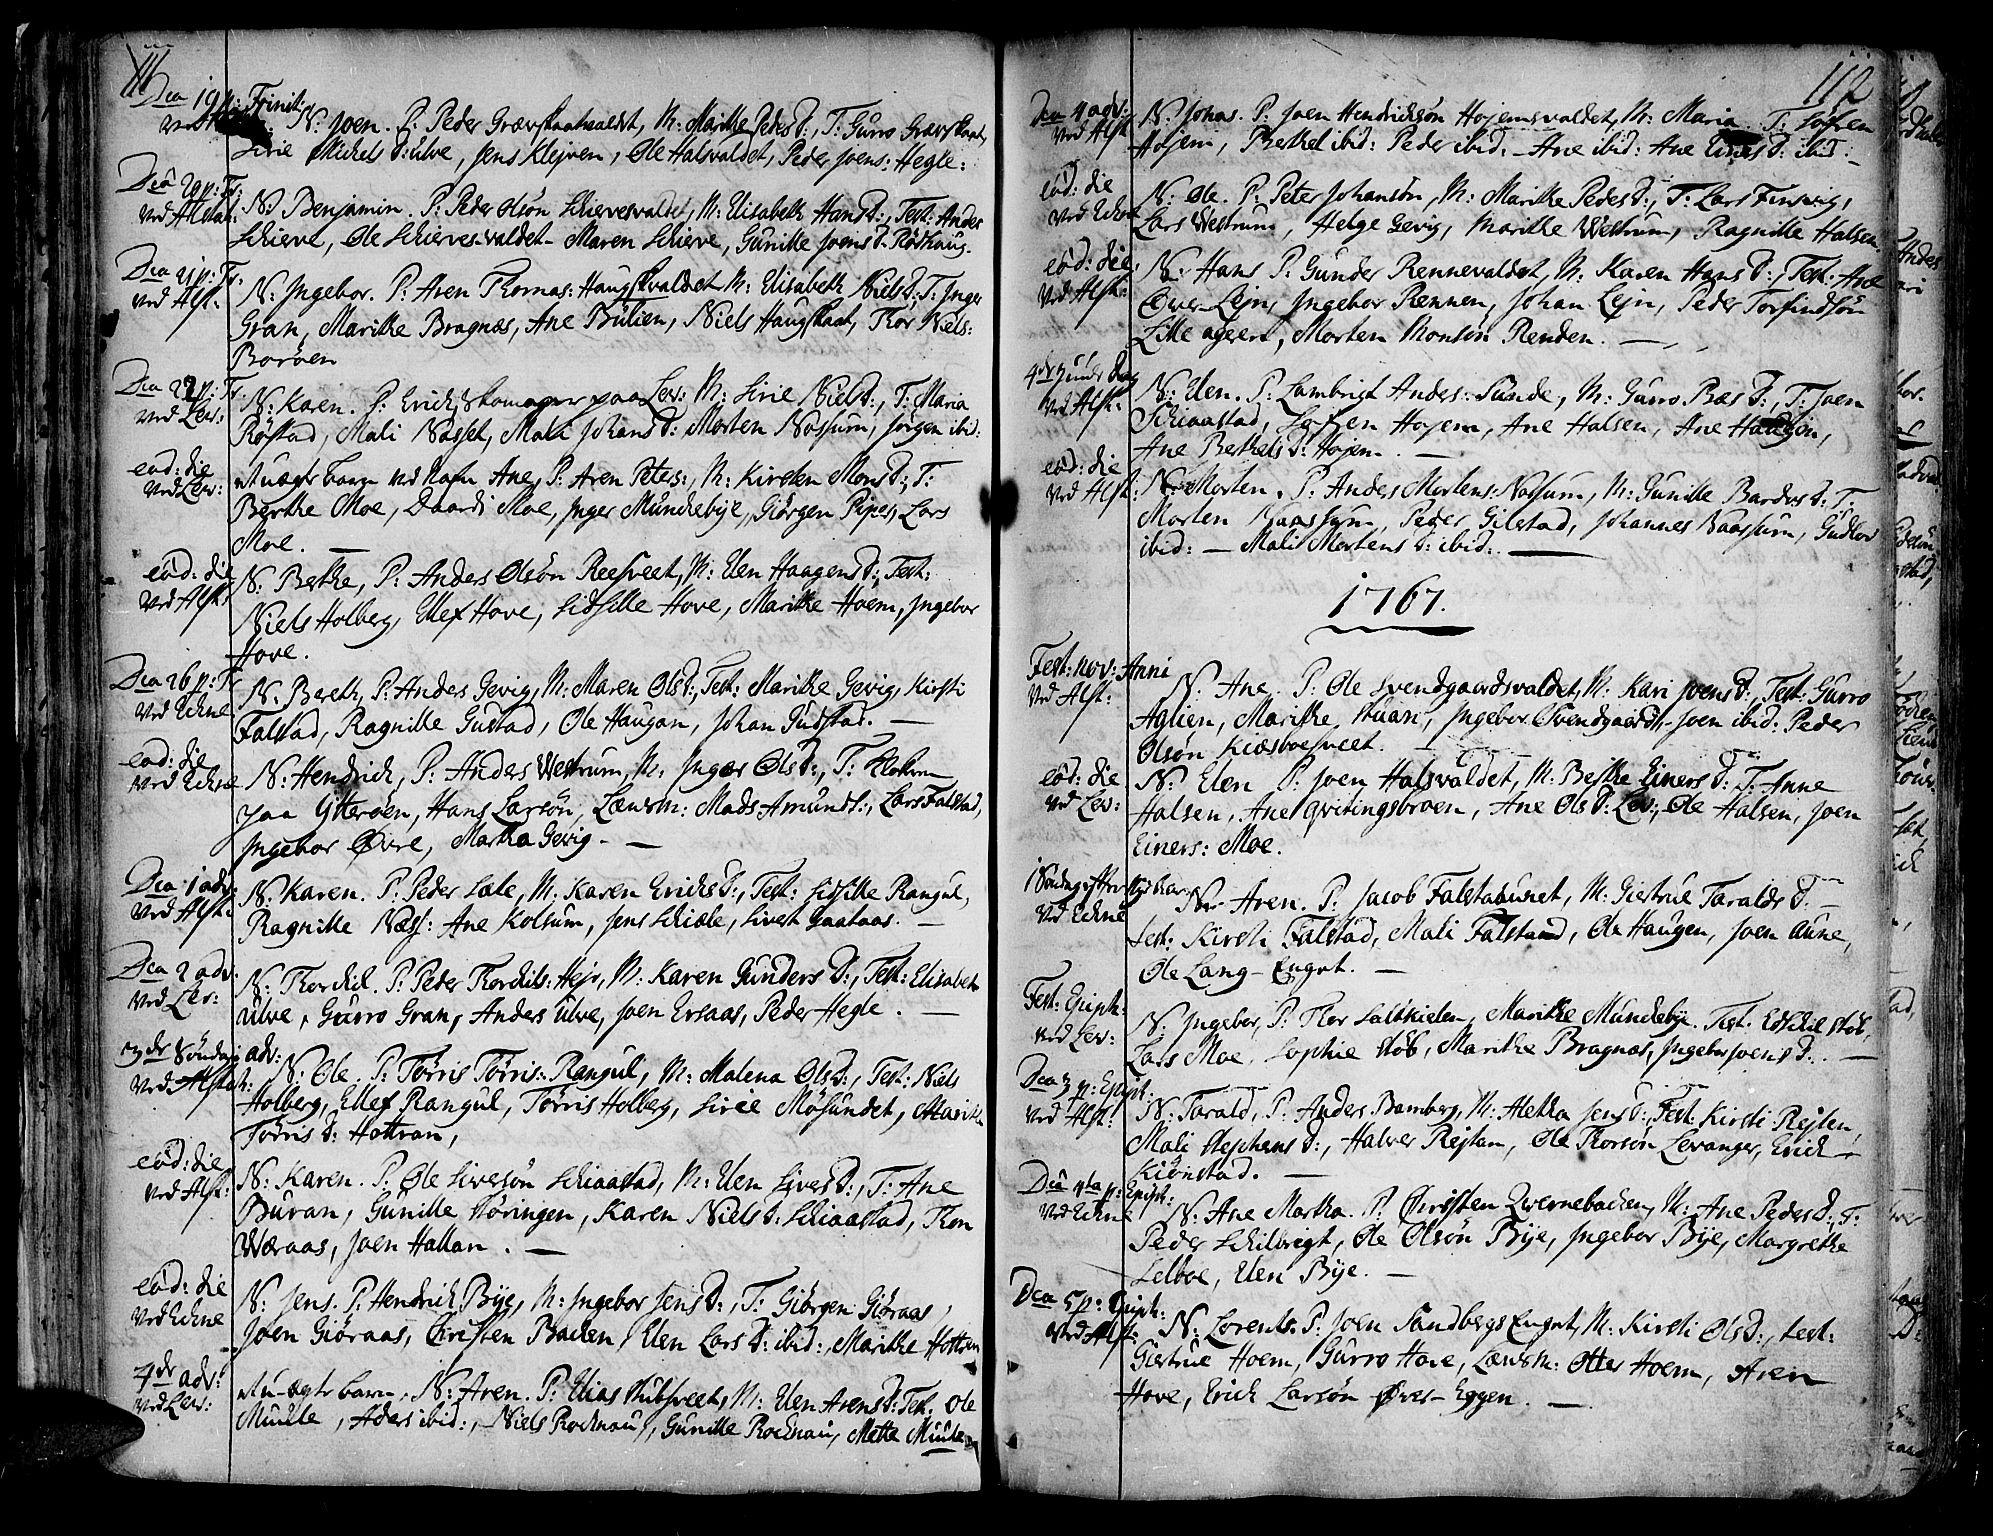 SAT, Ministerialprotokoller, klokkerbøker og fødselsregistre - Nord-Trøndelag, 717/L0141: Ministerialbok nr. 717A01, 1747-1803, s. 111-112